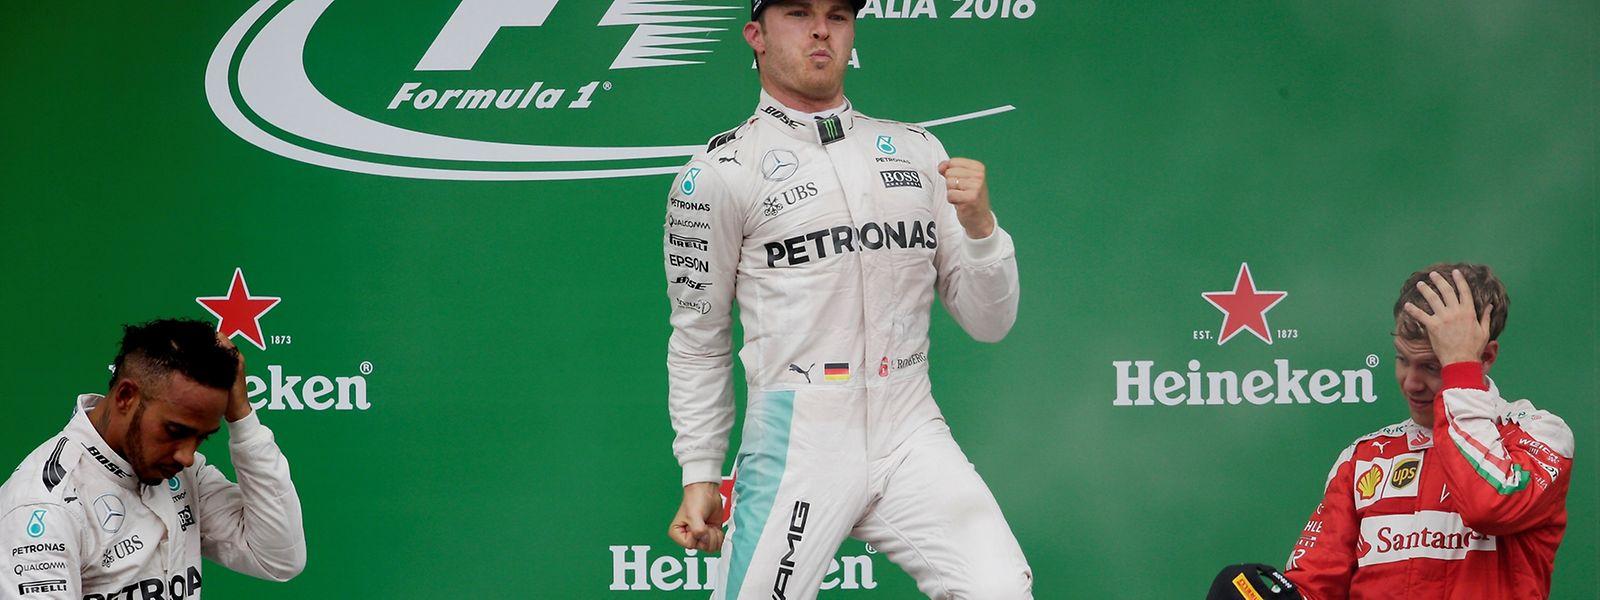 Freudensprung: Nico Rosberg jubelt über den Sieg in Monza, Lewis Hamilton (links) und Sebastian Vettel müssen zuschauen.